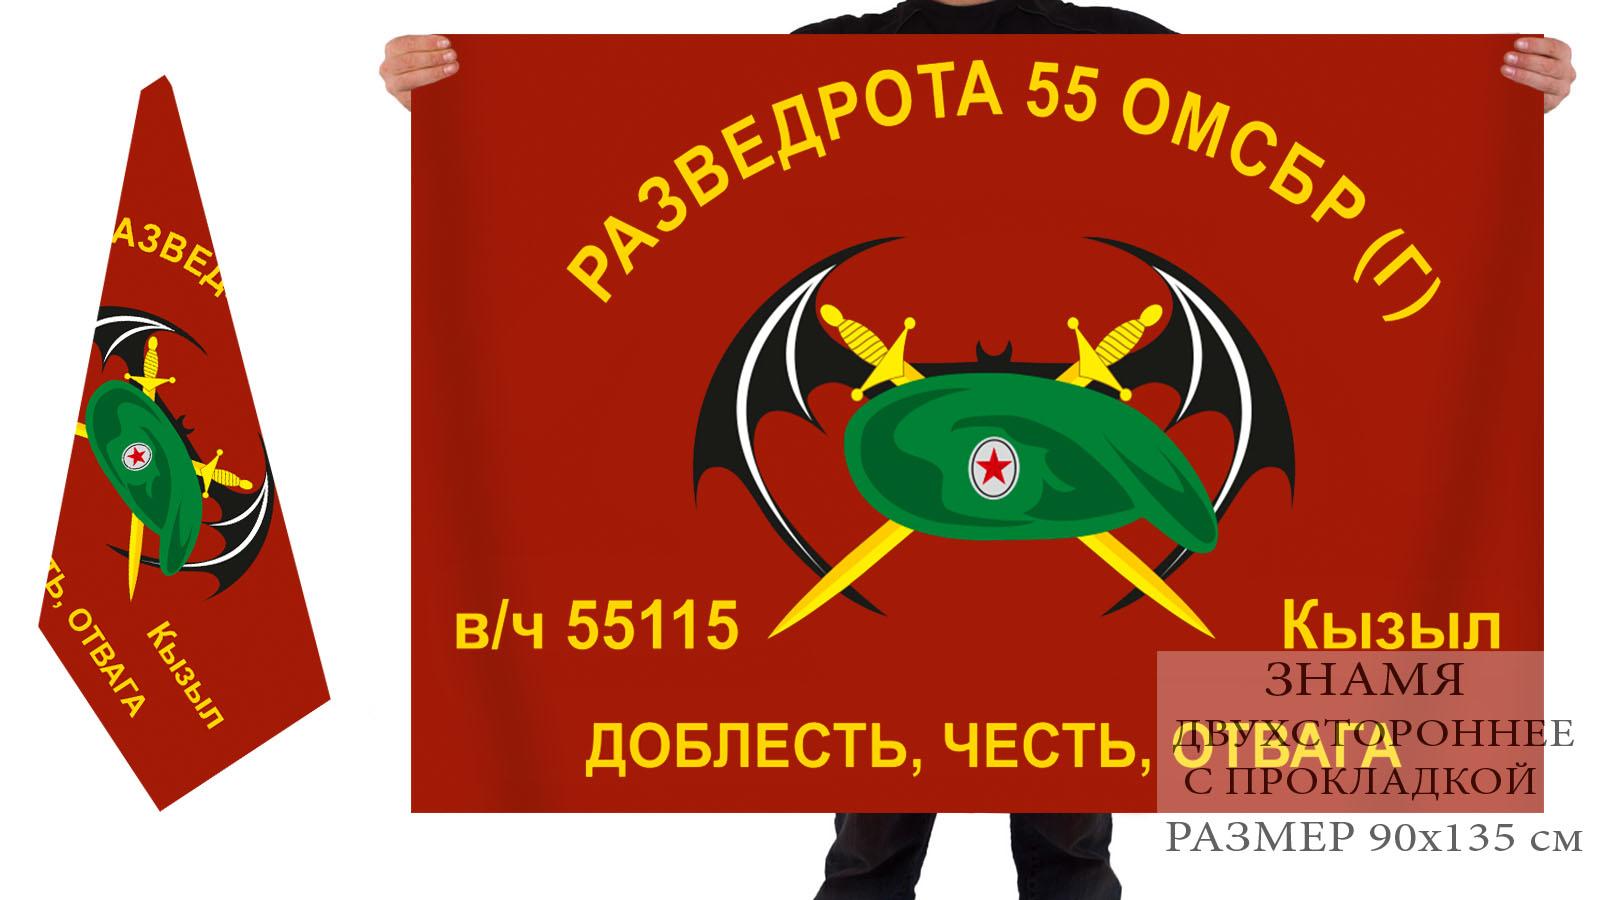 Двусторонний флаг Разведроты 55 ОМСБр (г)